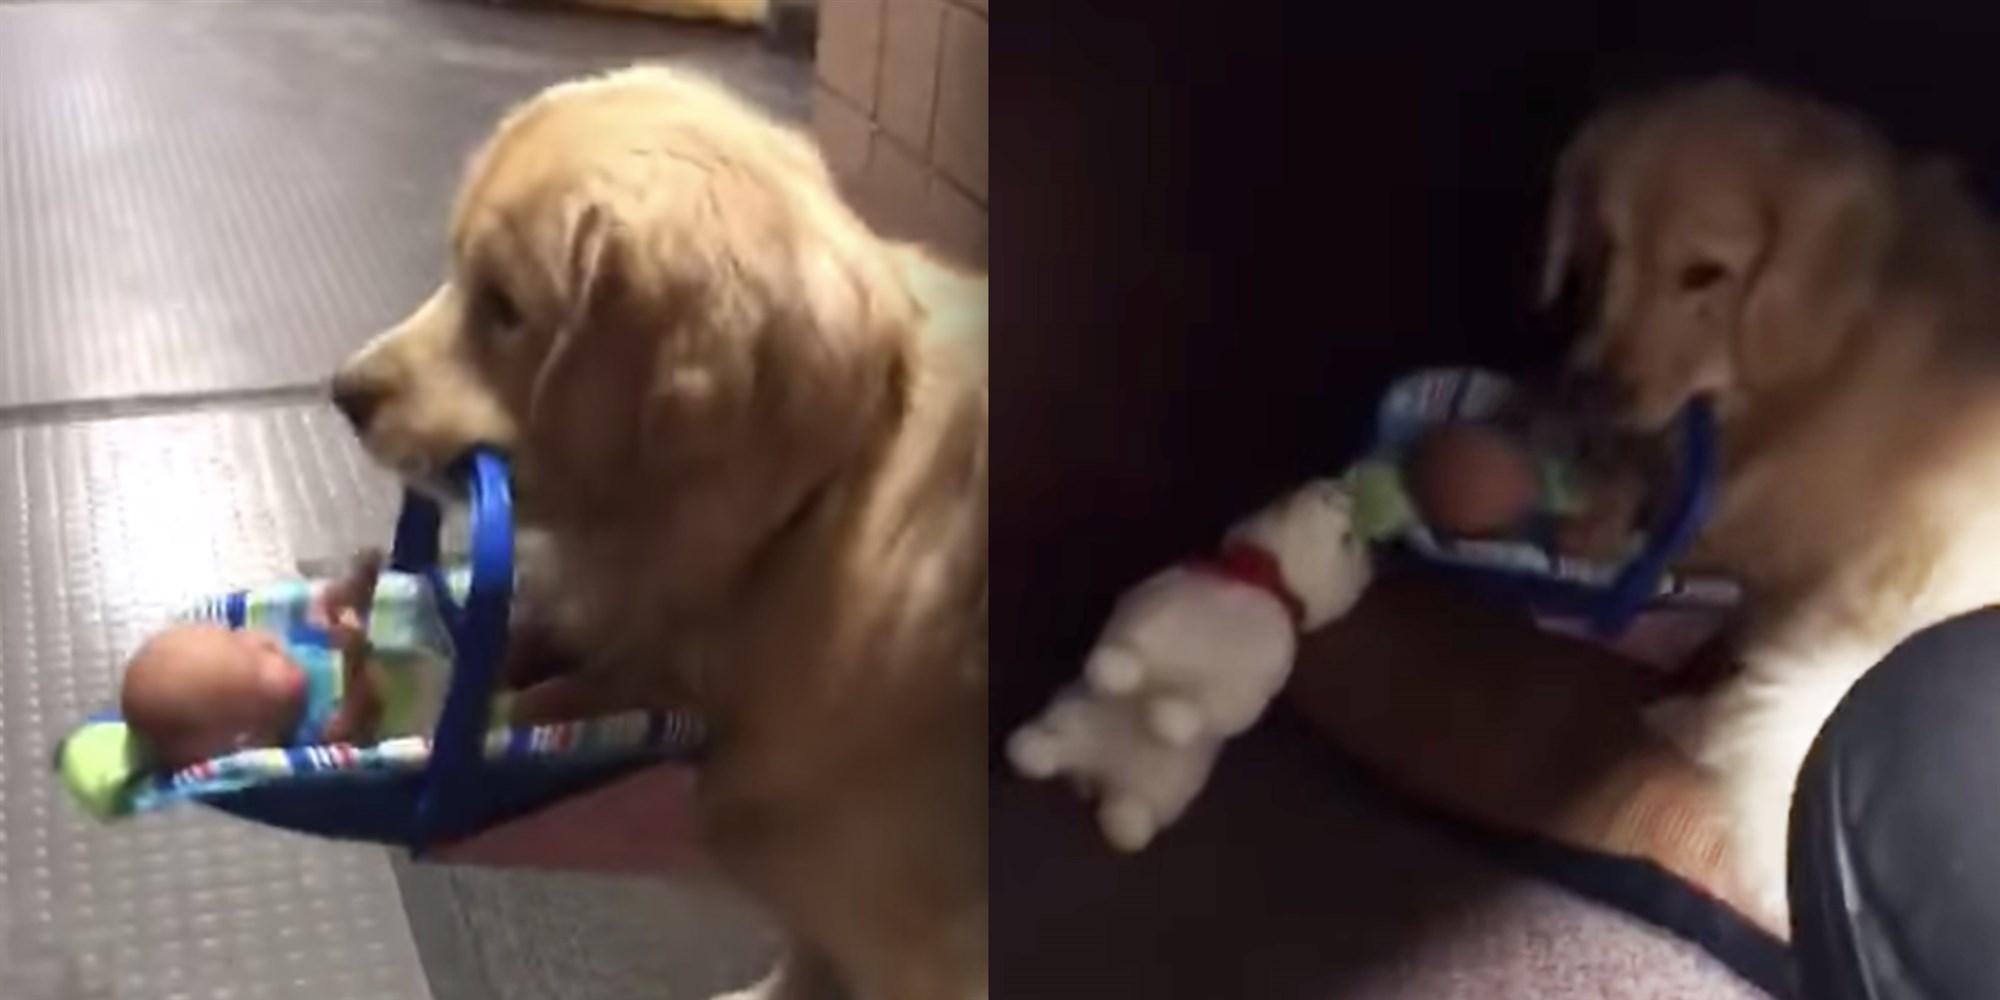 Αστυνομικός σκύλος κλέβει παιχνίδια και τα πάει στην κρυψώνα του! Απολαυστικό βίντεο